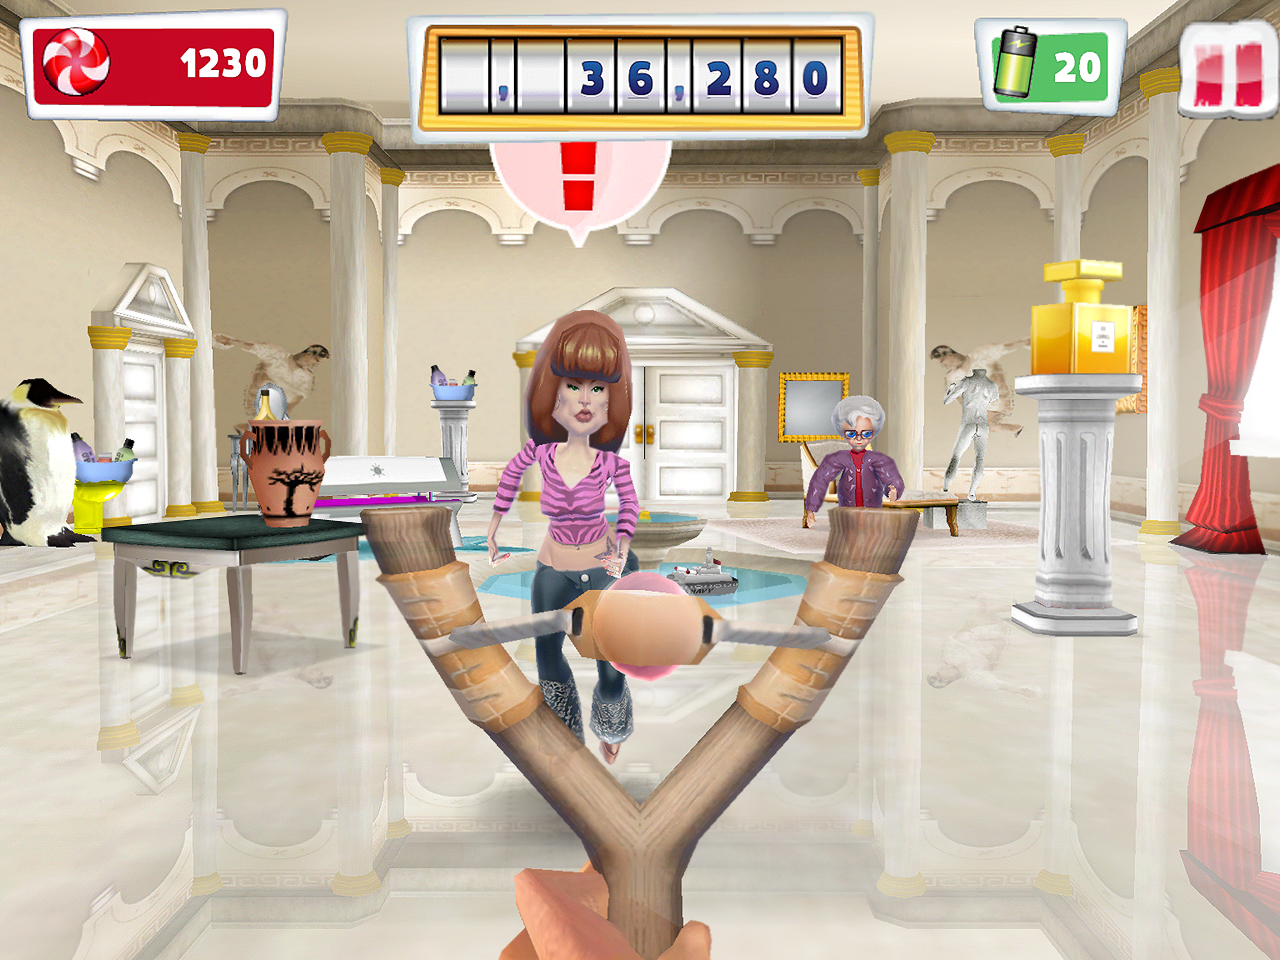 Sale gosse le plus fun des jeux de lance pierre est - Jeux de lance pierre ...